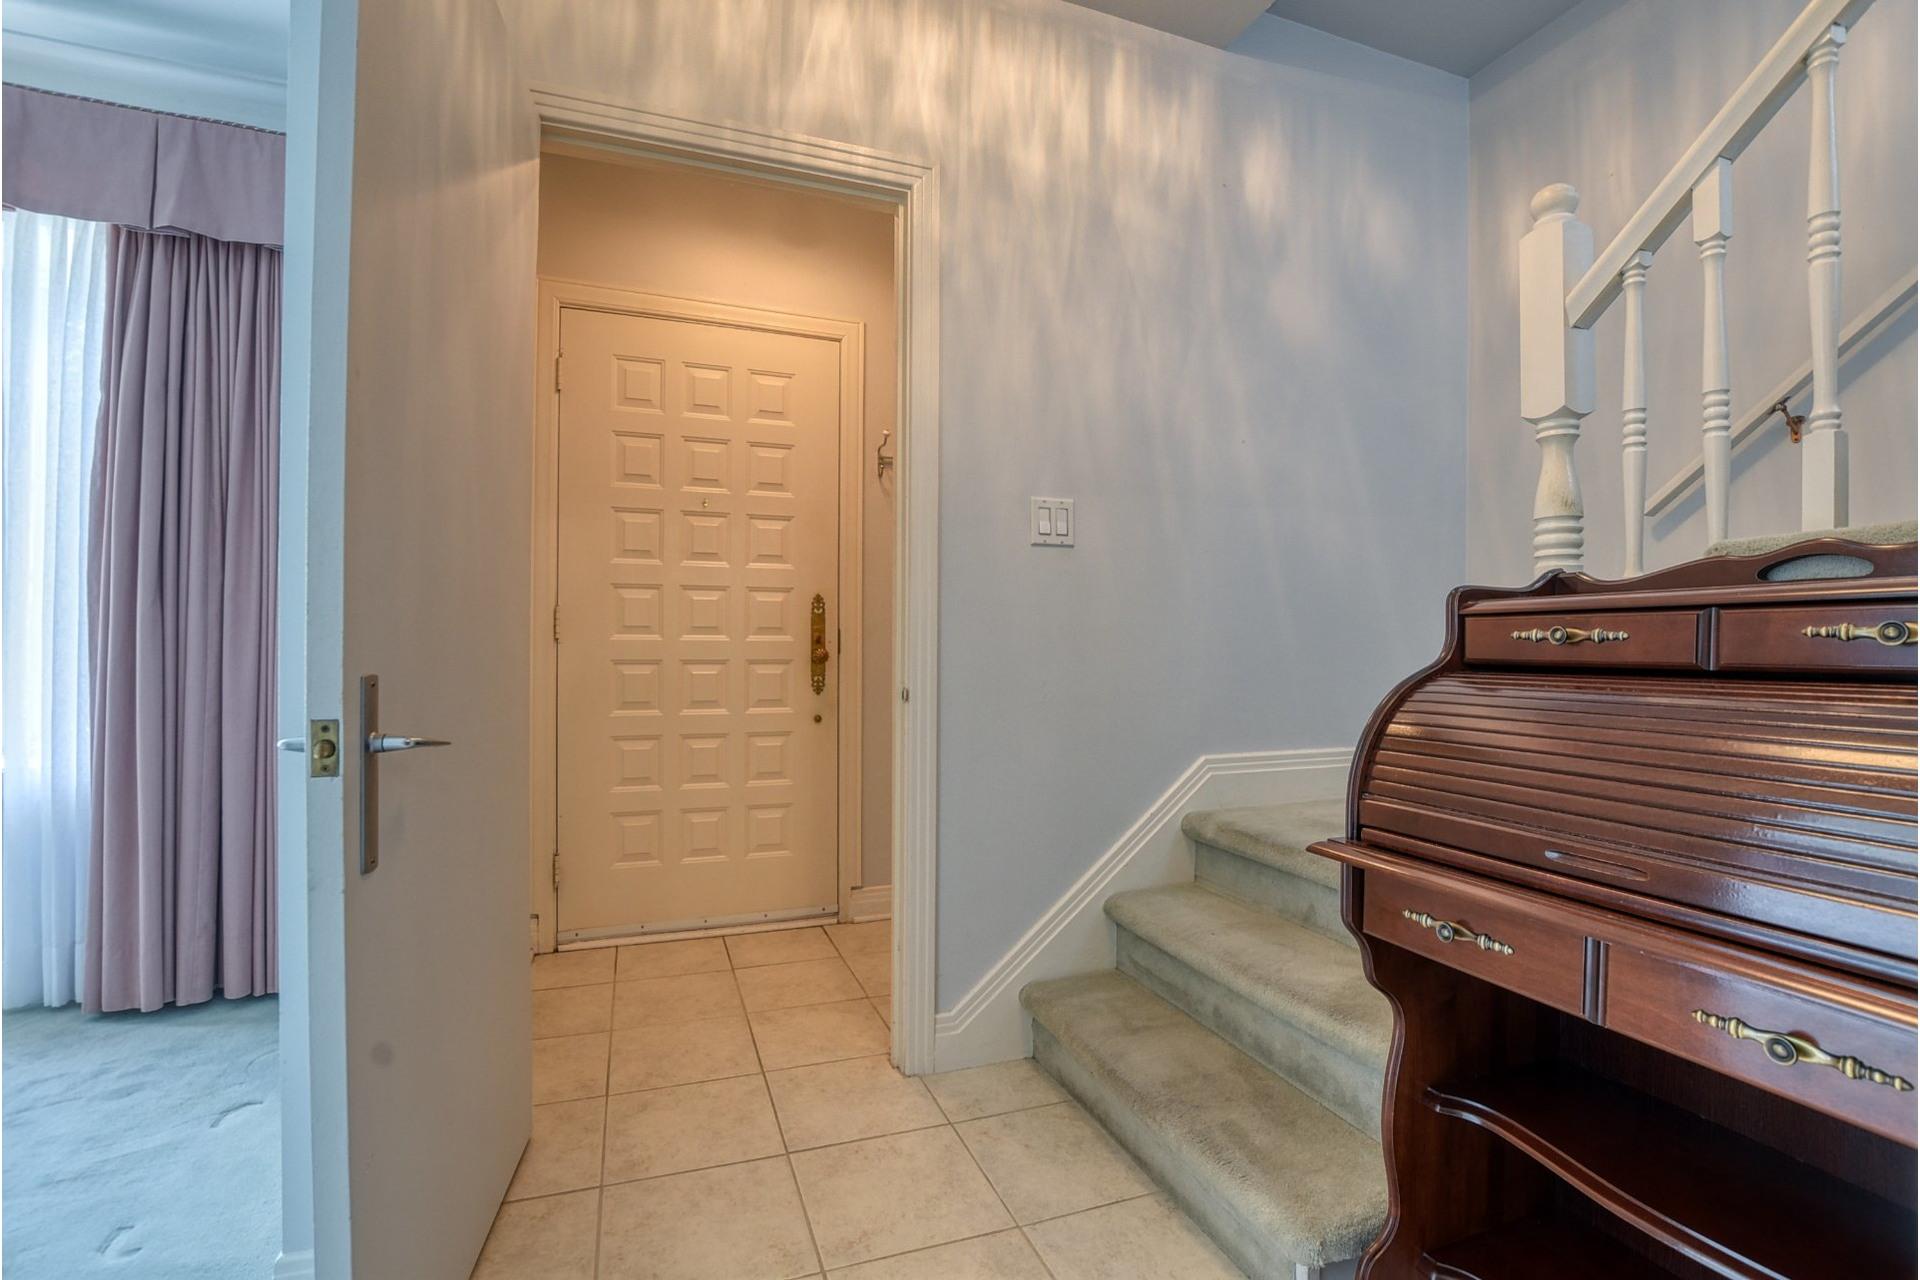 image 2 - House For sale Saint-Laurent Montréal  - 7 rooms